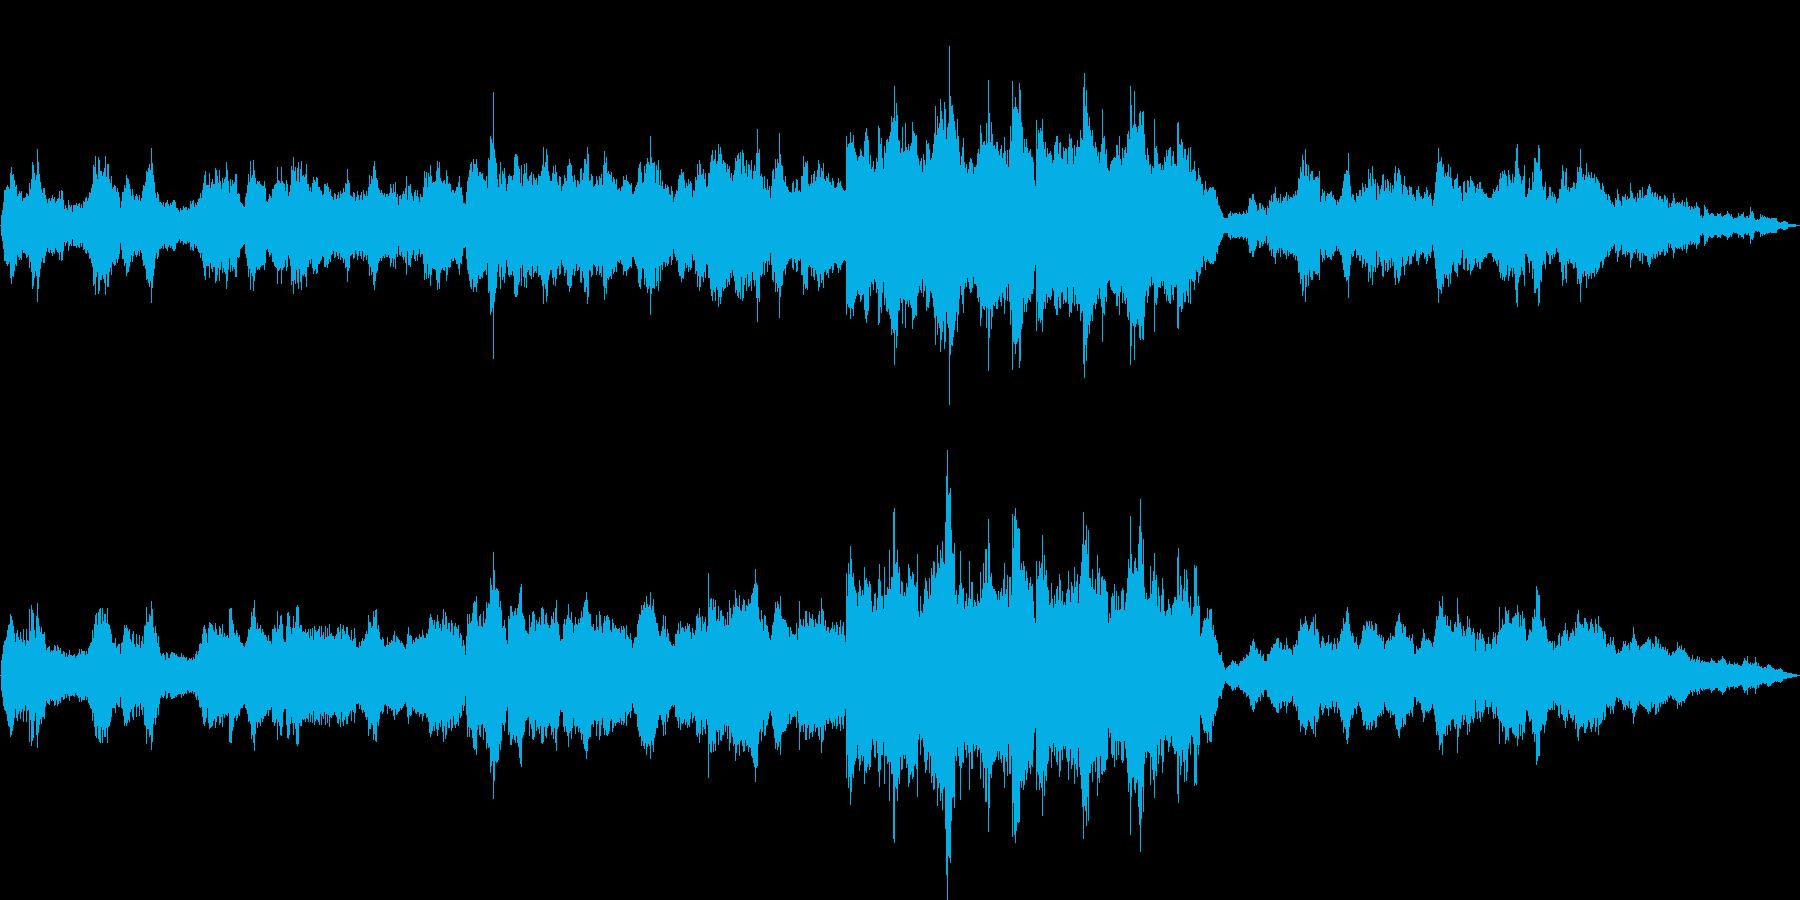 ミステリアスで効果音いっぱいの幻想曲の再生済みの波形